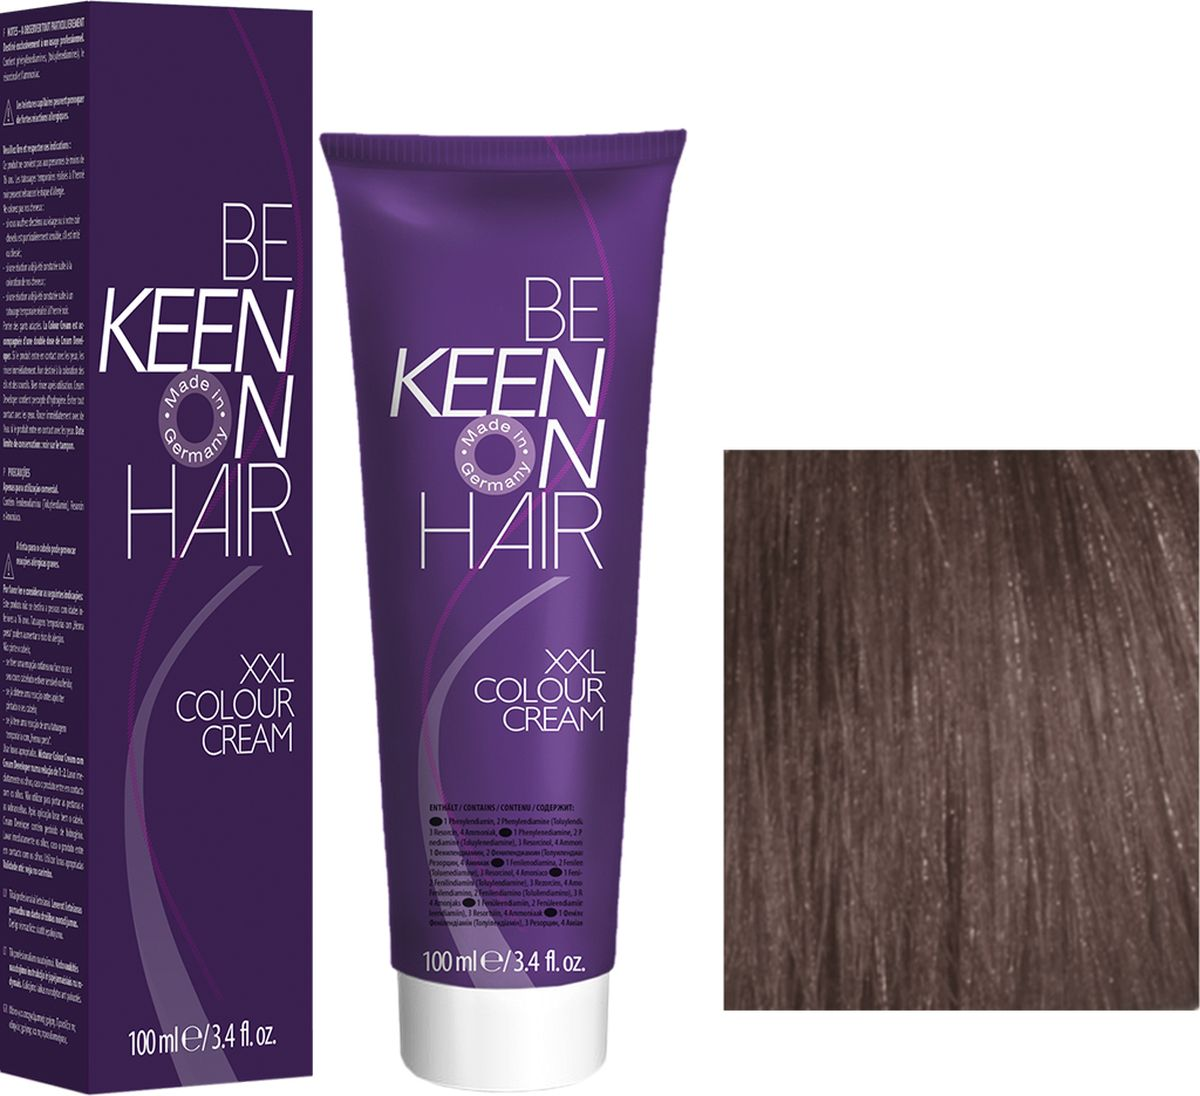 Keen Краска для волос 6.1 Темно-пепельный блондин Dunkelblond Asch, 100 мл69100107Модные оттенкиБолее 100 оттенков для креативной комбинации цветов.ЭкономичностьПри использовании тюбика 100 мл вы получаете оптимальное соотношение цены и качества!УходМолочный белок поддерживает структуру волоса во время окрашивания и придает волосам блеск и шелковистость. Протеины хорошо встраиваются в волосы и снабжают их влагой.